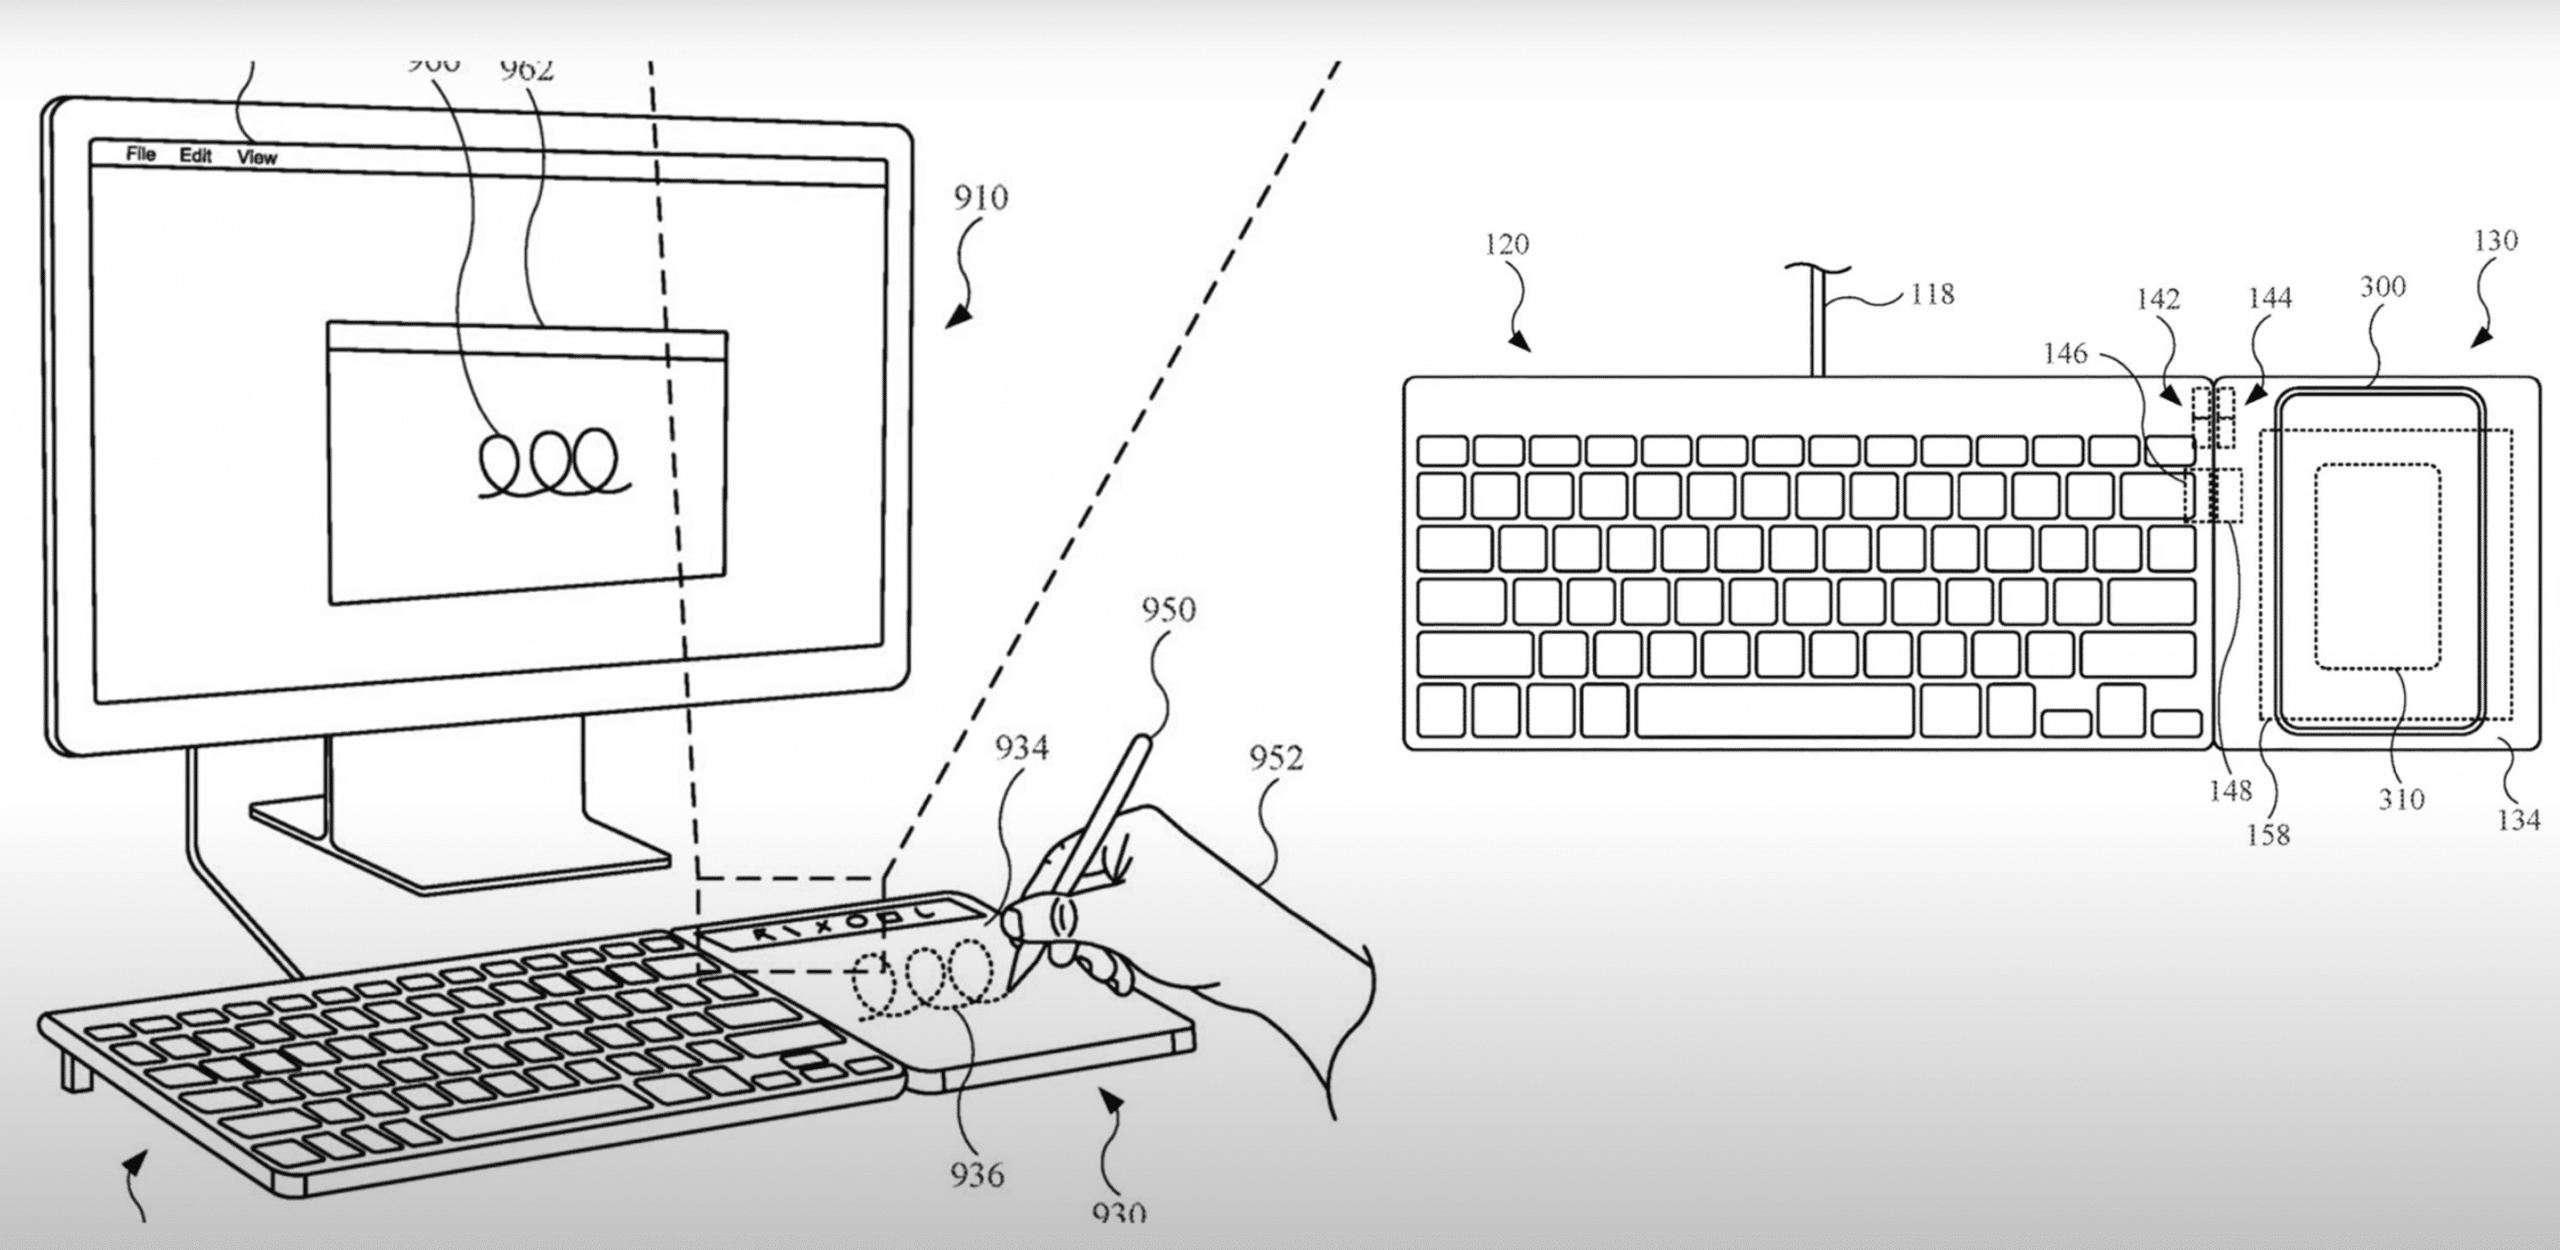 çizim yapılabilen macbook